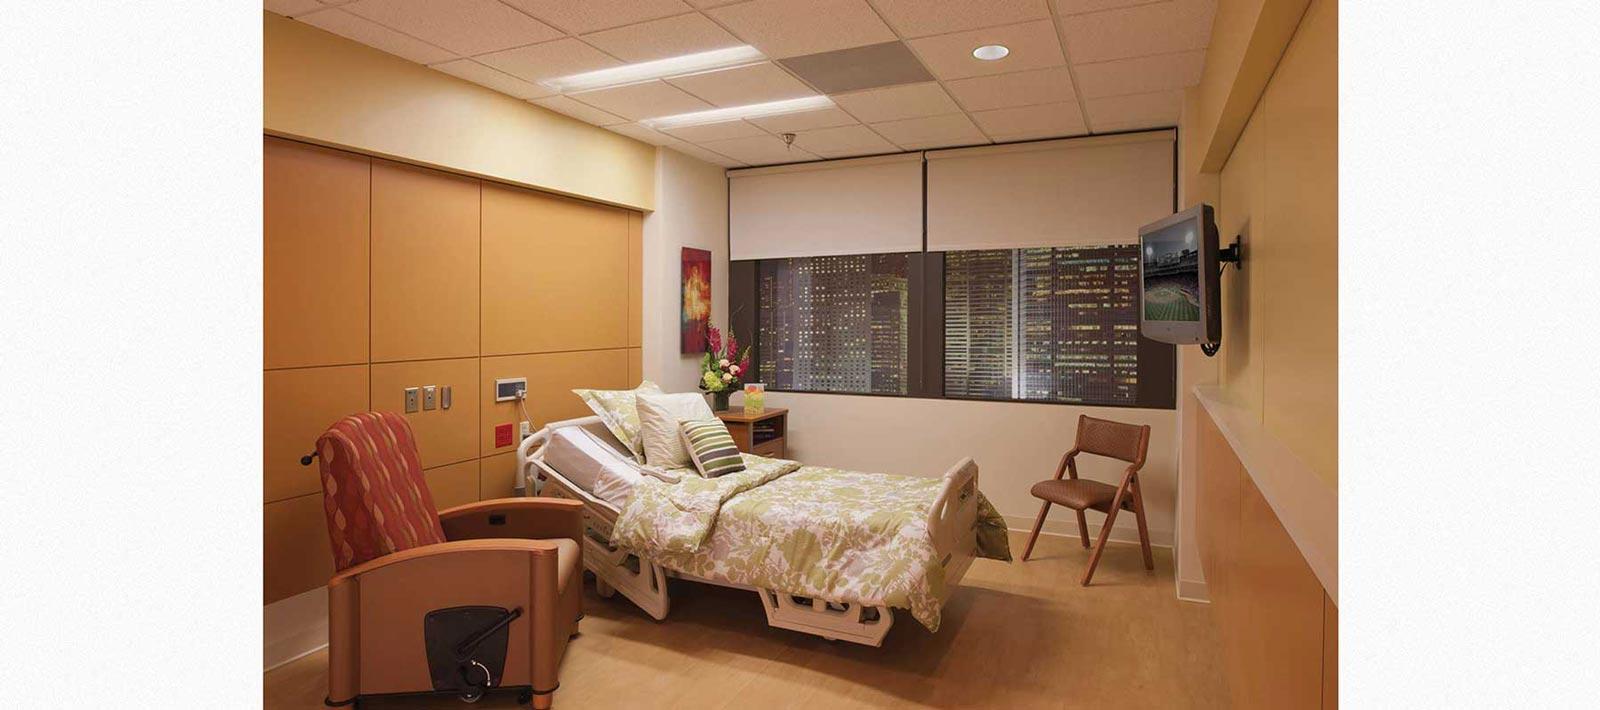 FMA8_patientroom_03